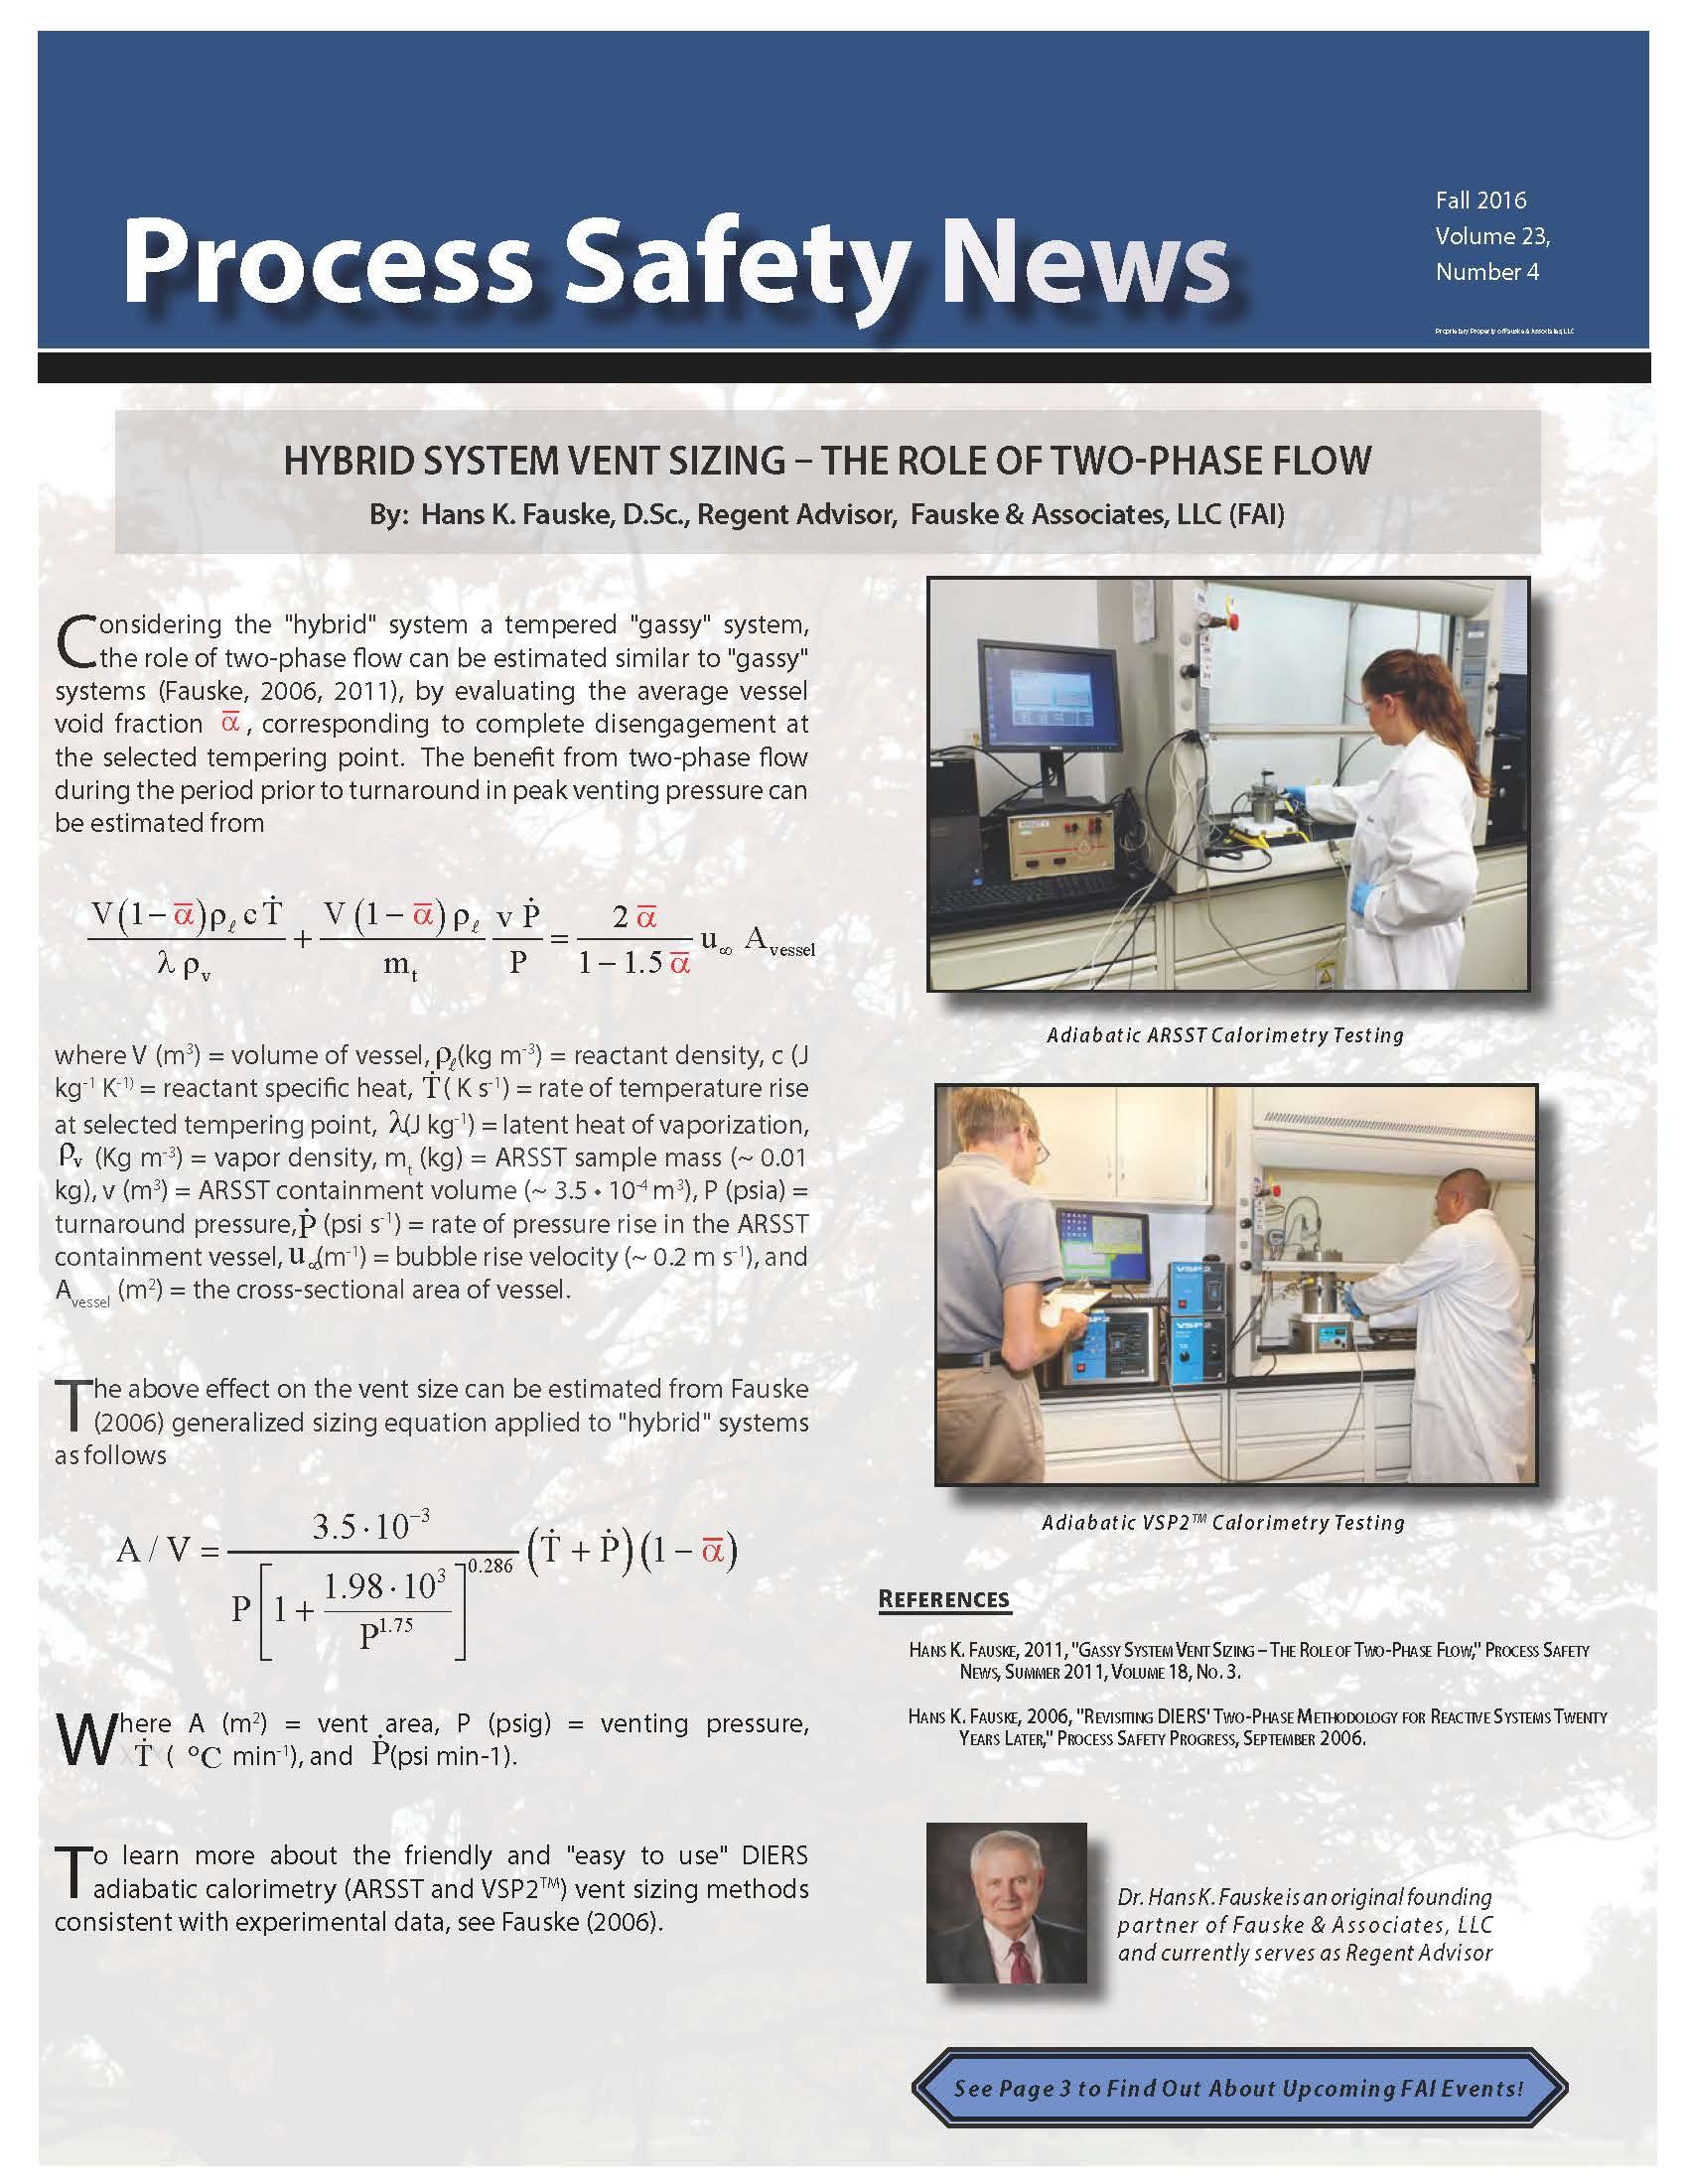 Process Safety News FALL 2016_Web_Page_01.jpg